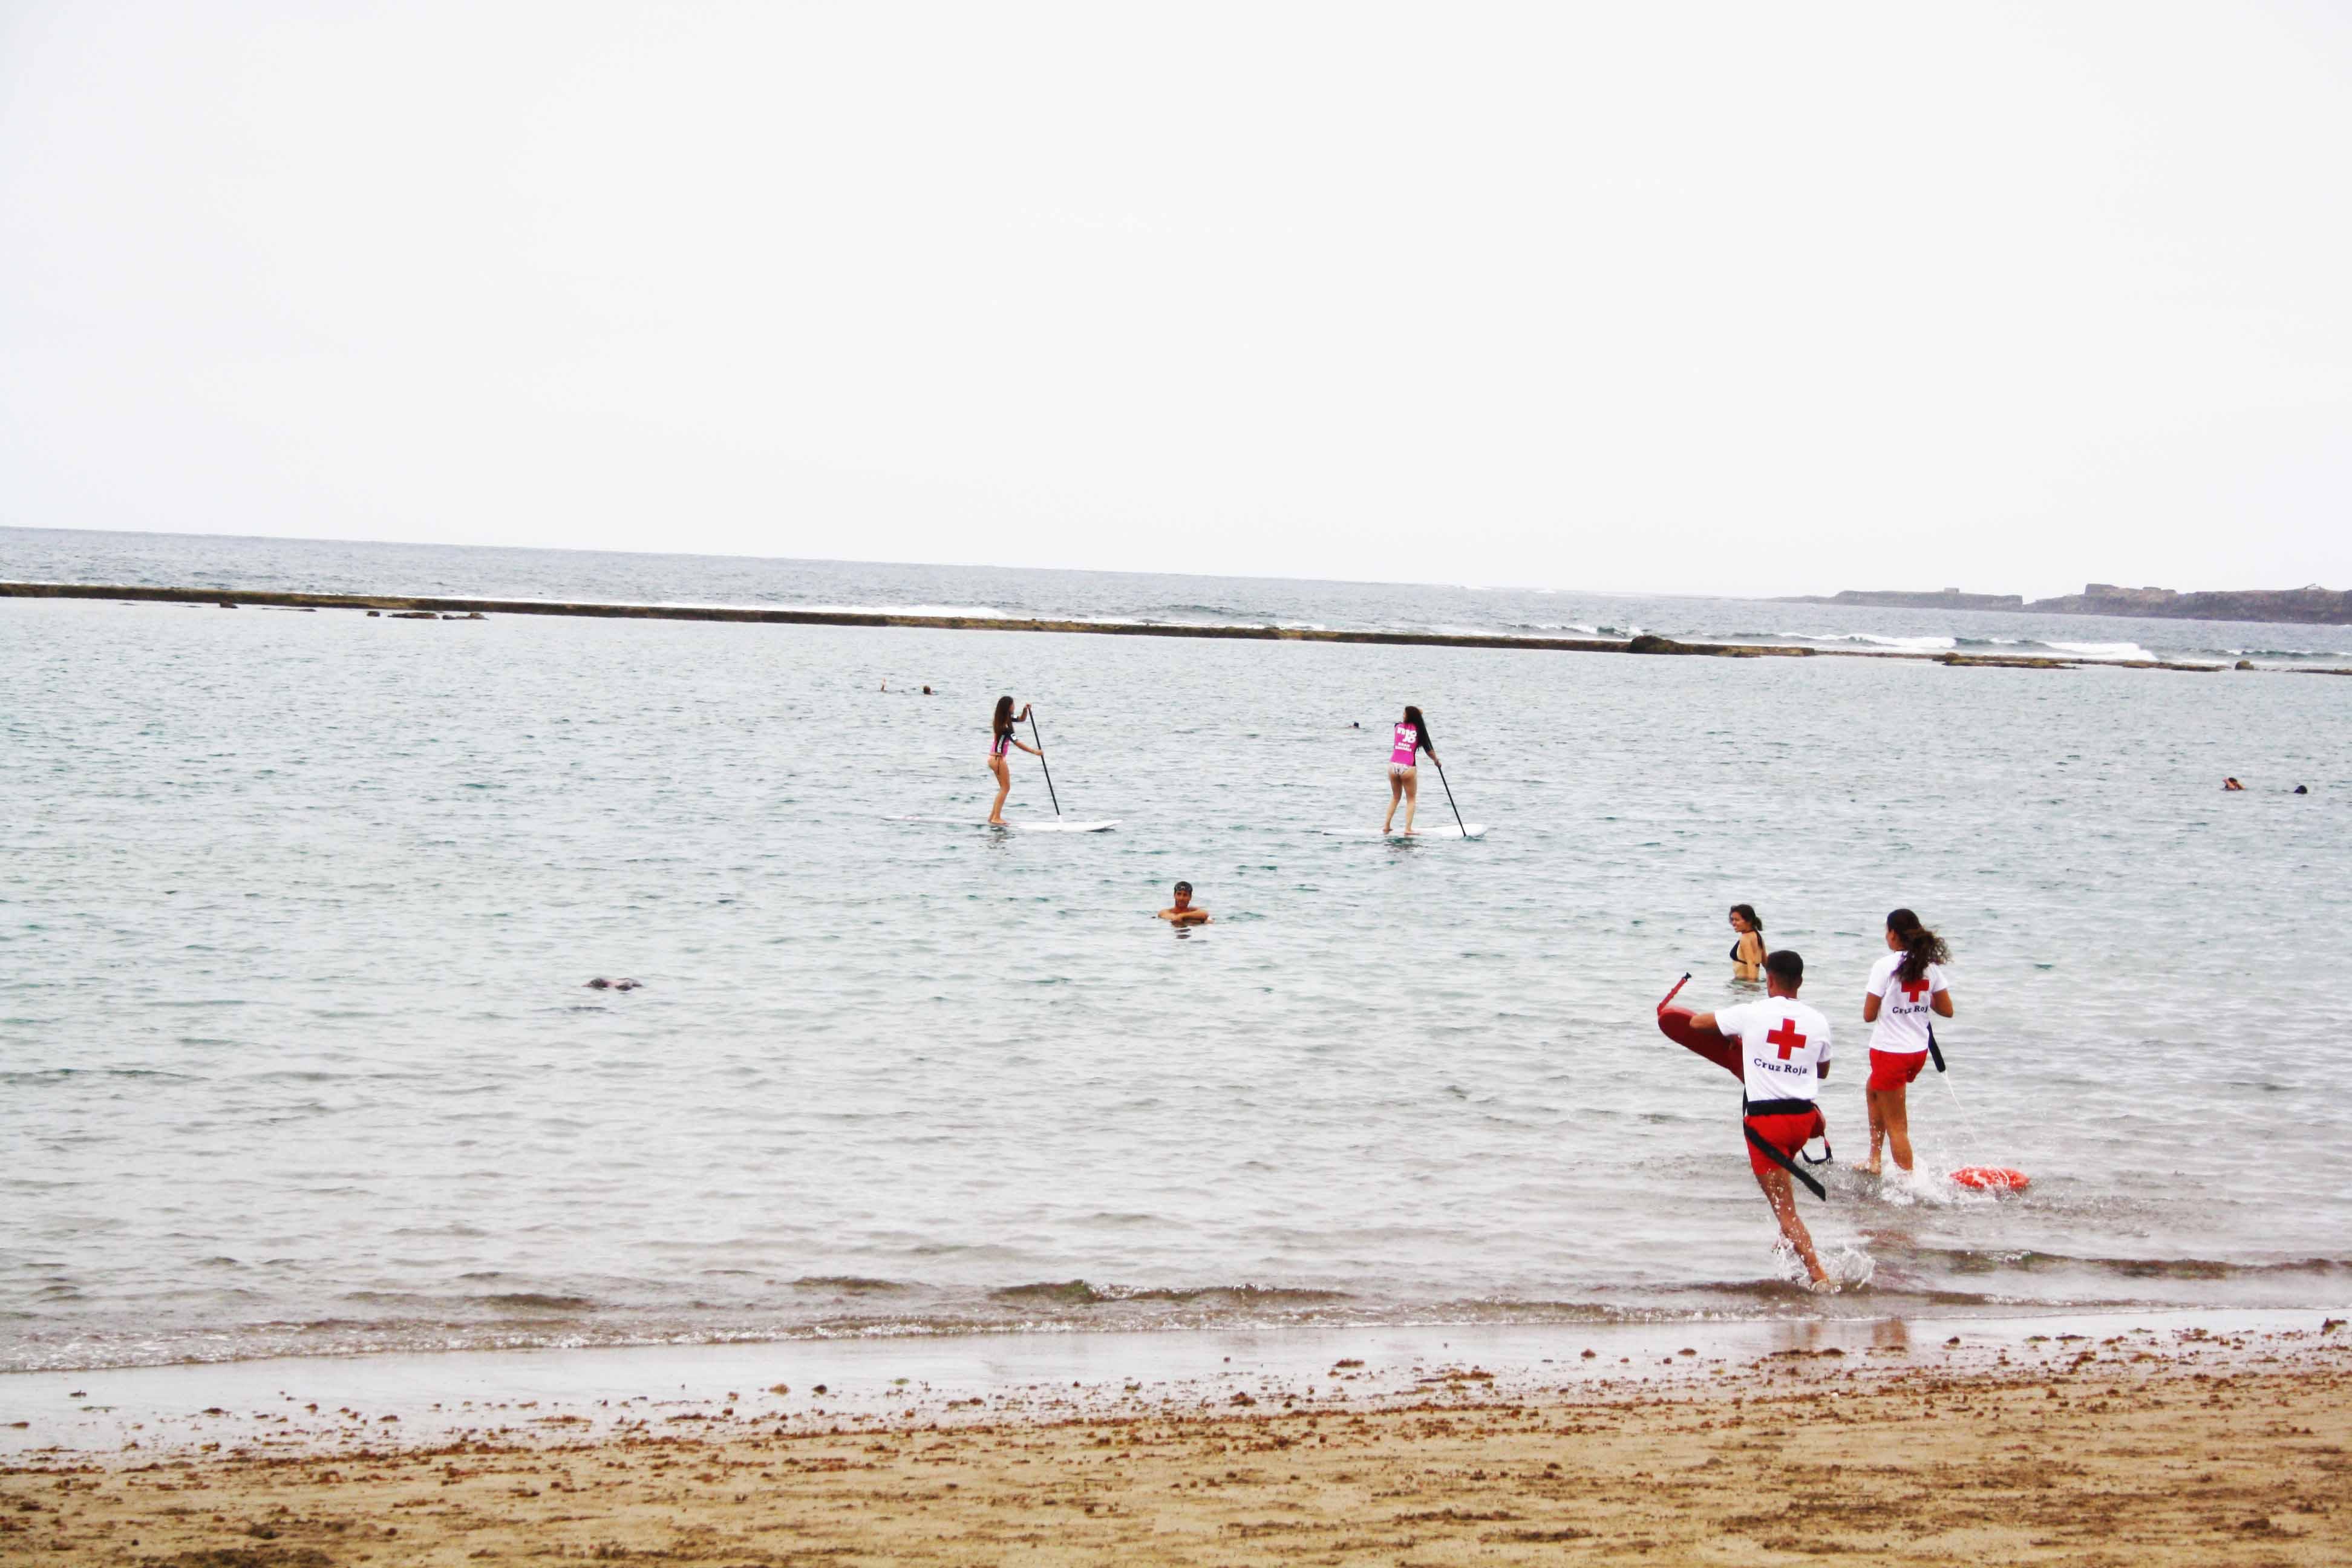 64c16fe9f5e95 Cruz Roja llama a la precaución en playas y piscinas - Noticias ...